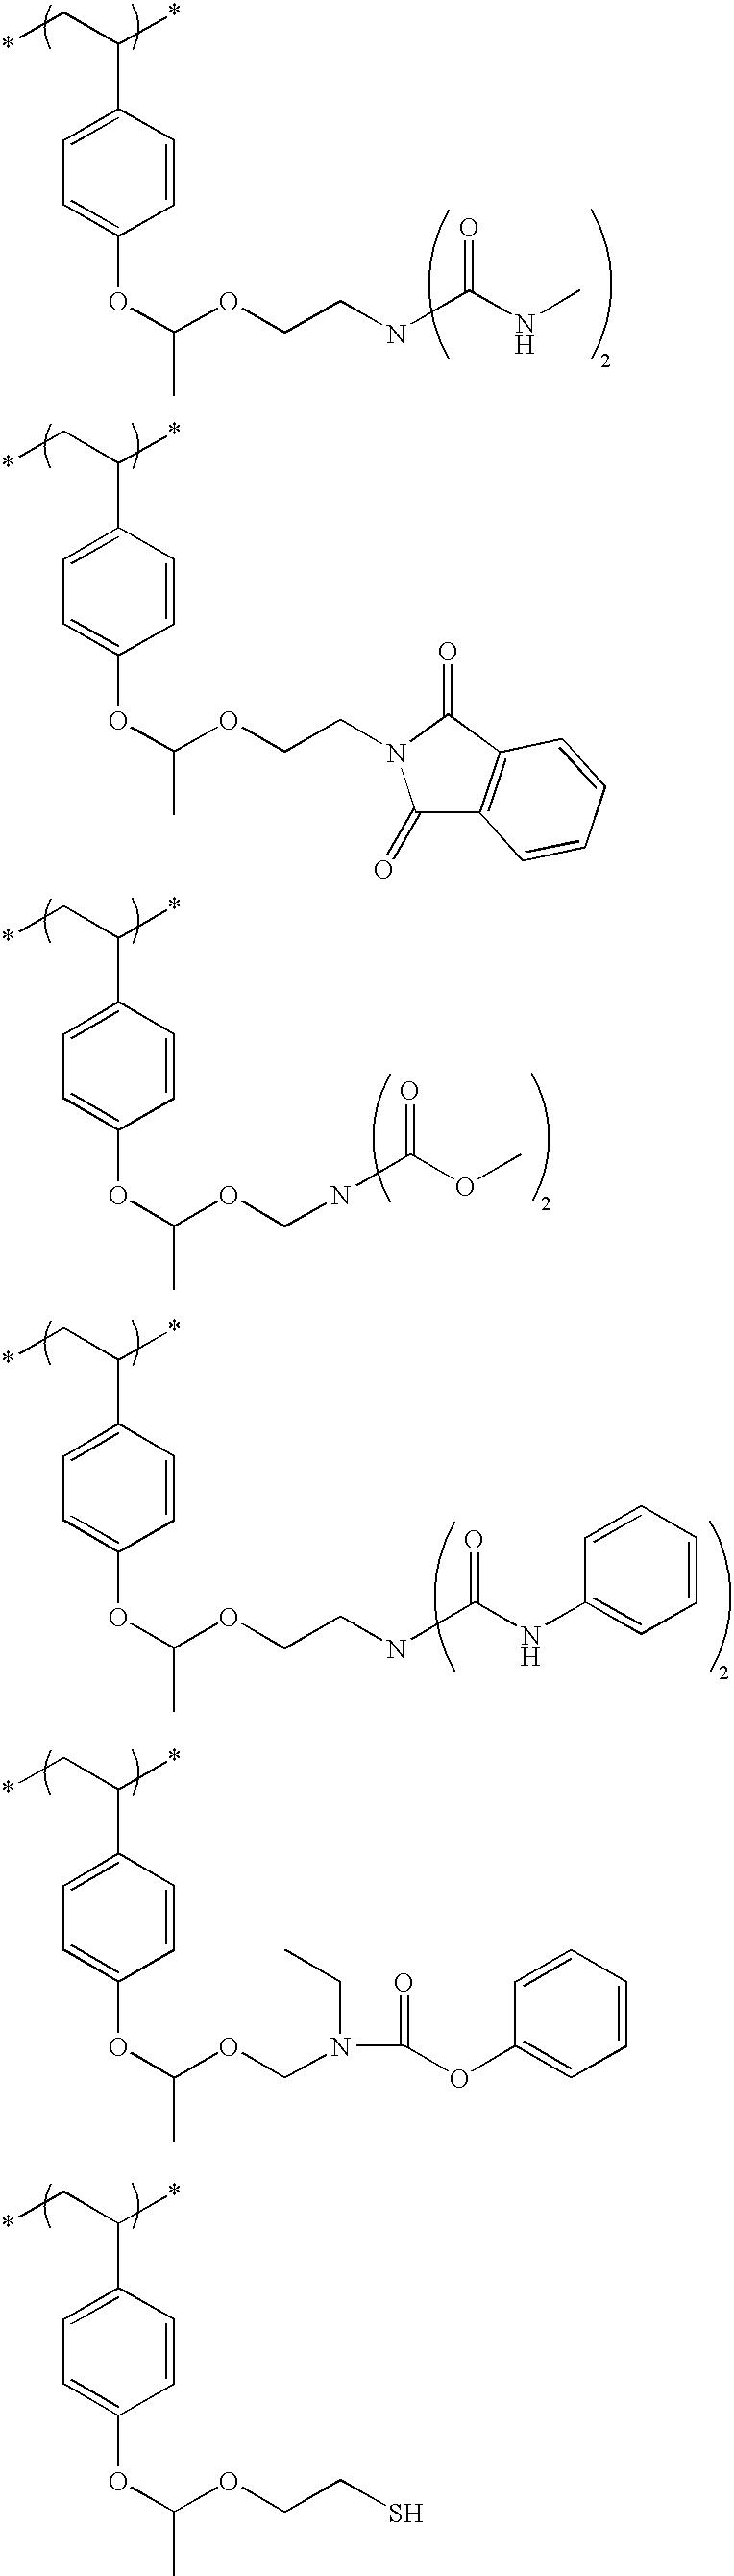 Figure US20100183975A1-20100722-C00093